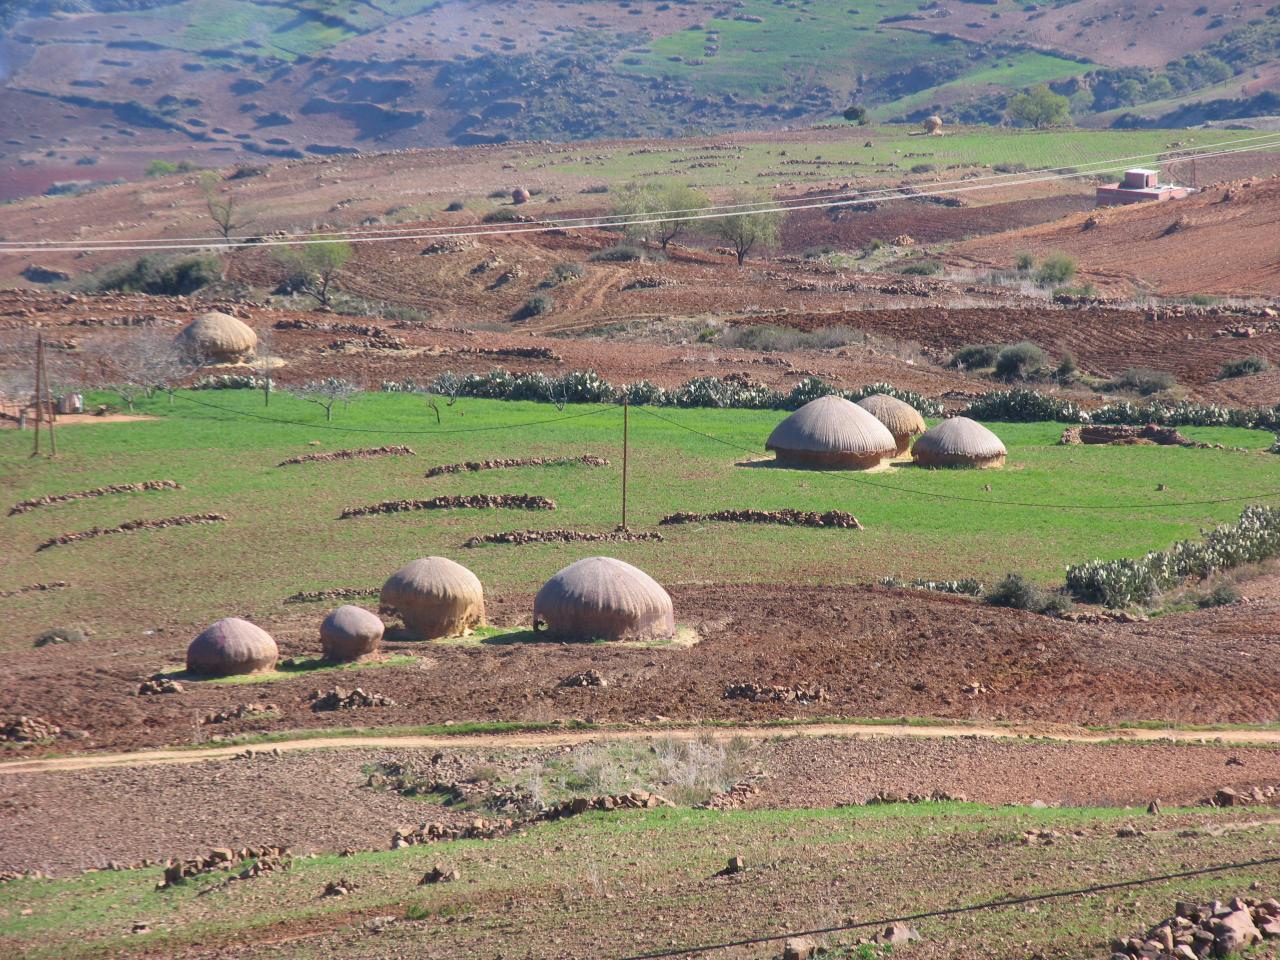 El Jebha Al Hoceima